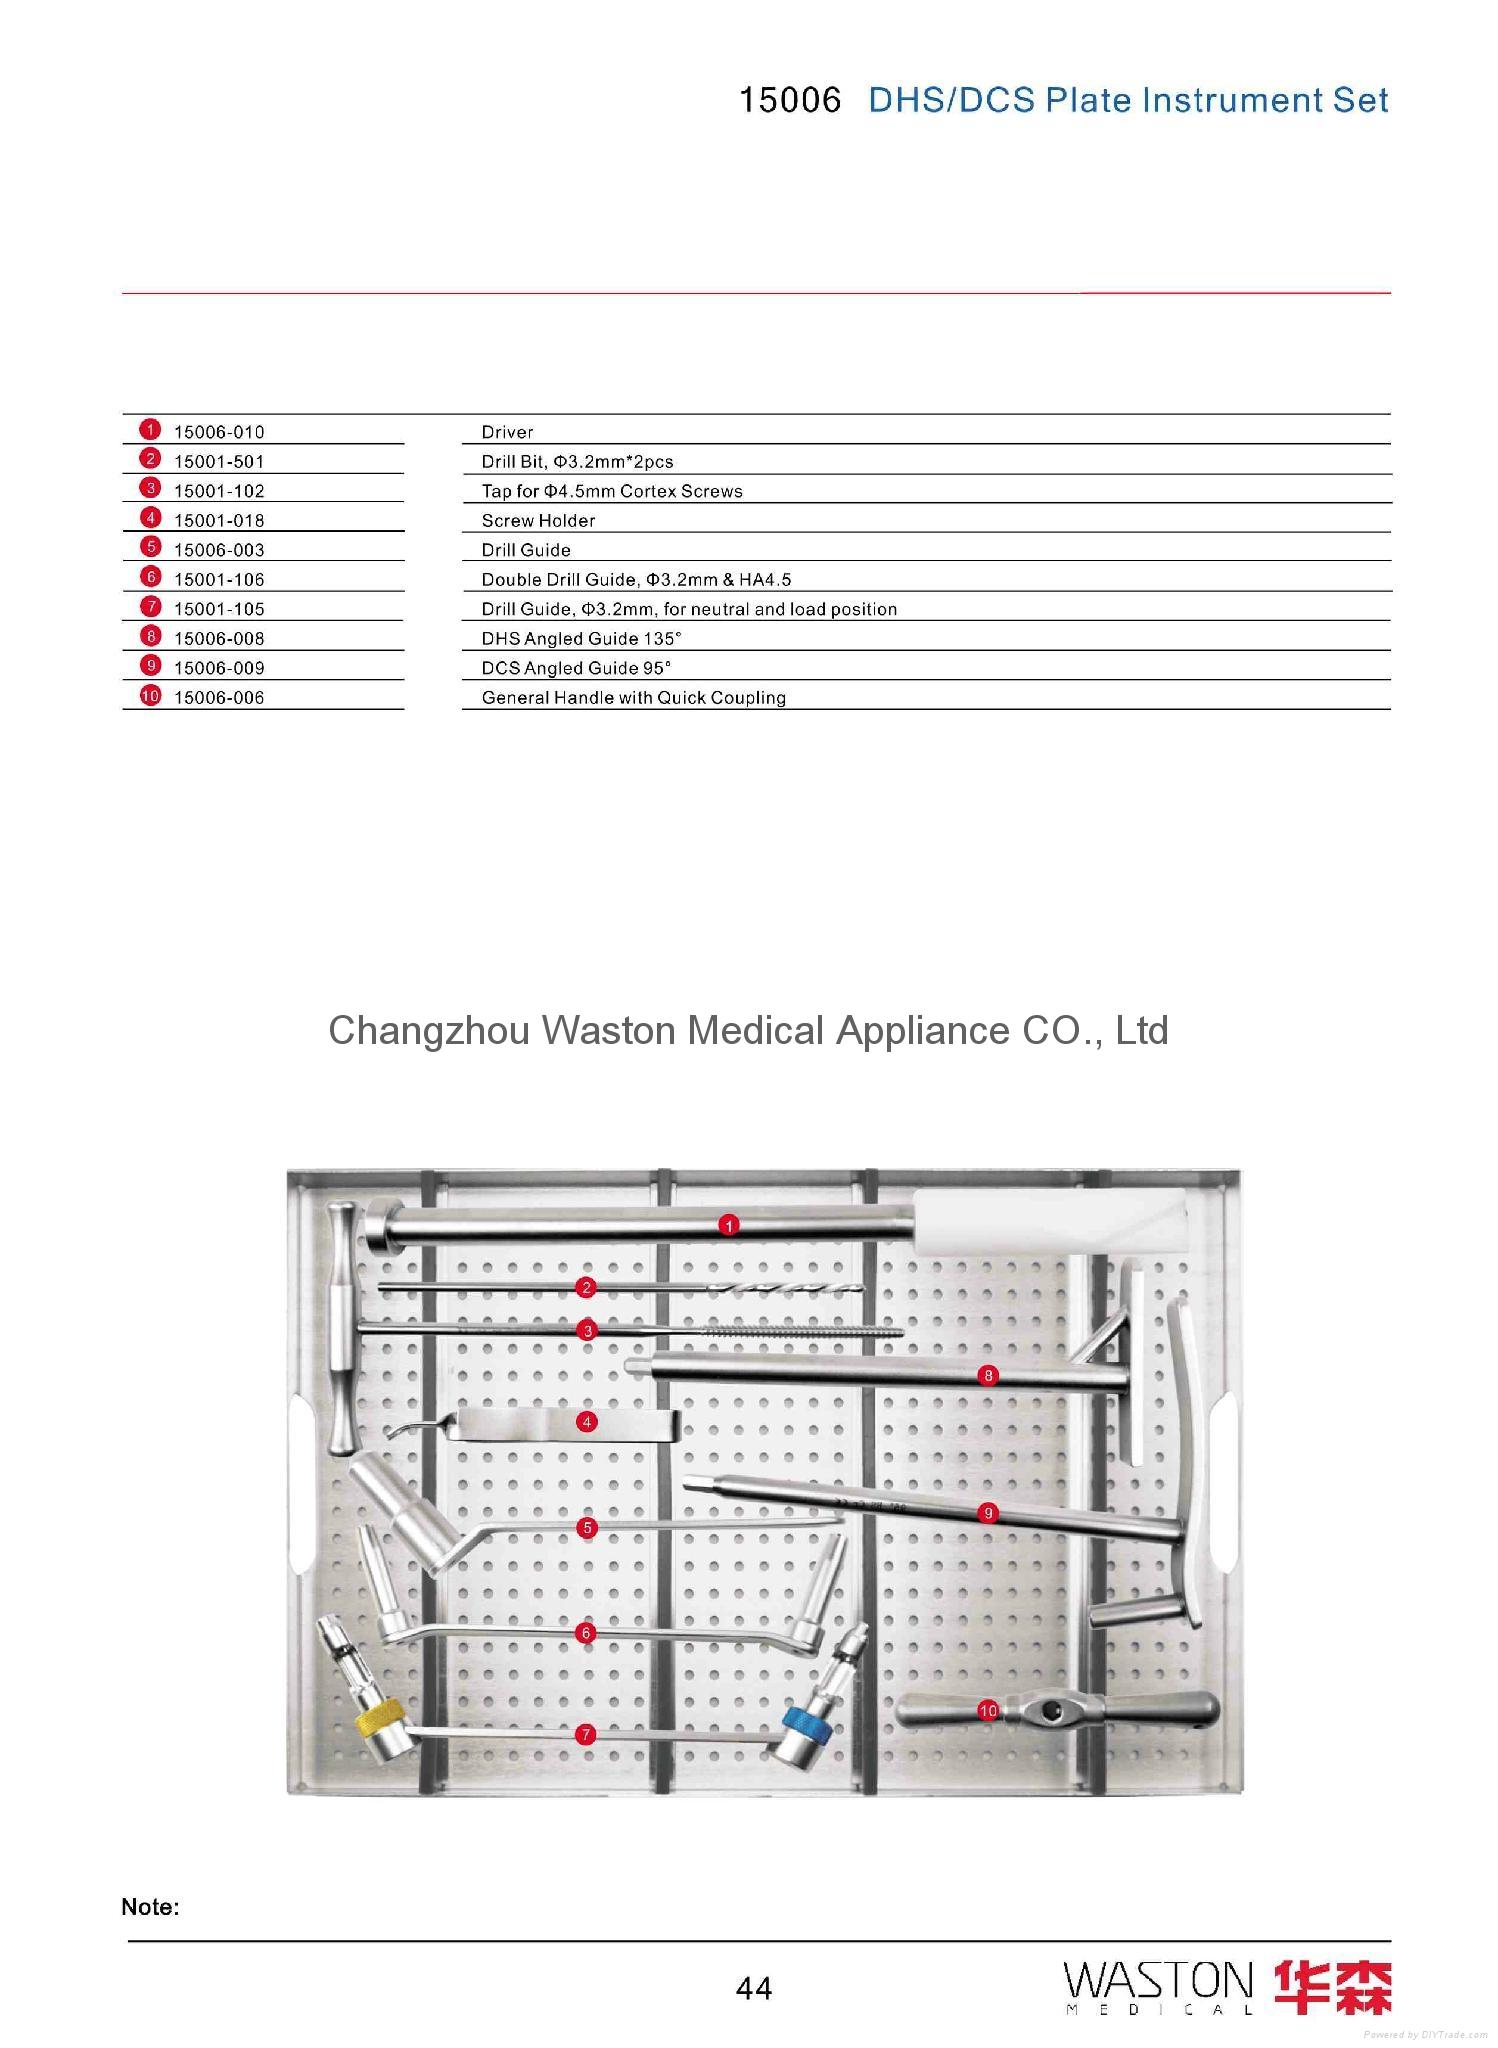 DCS/DHS鵝頭釘成套器械--骨科植入物、純鈦、創傷、醫用 1